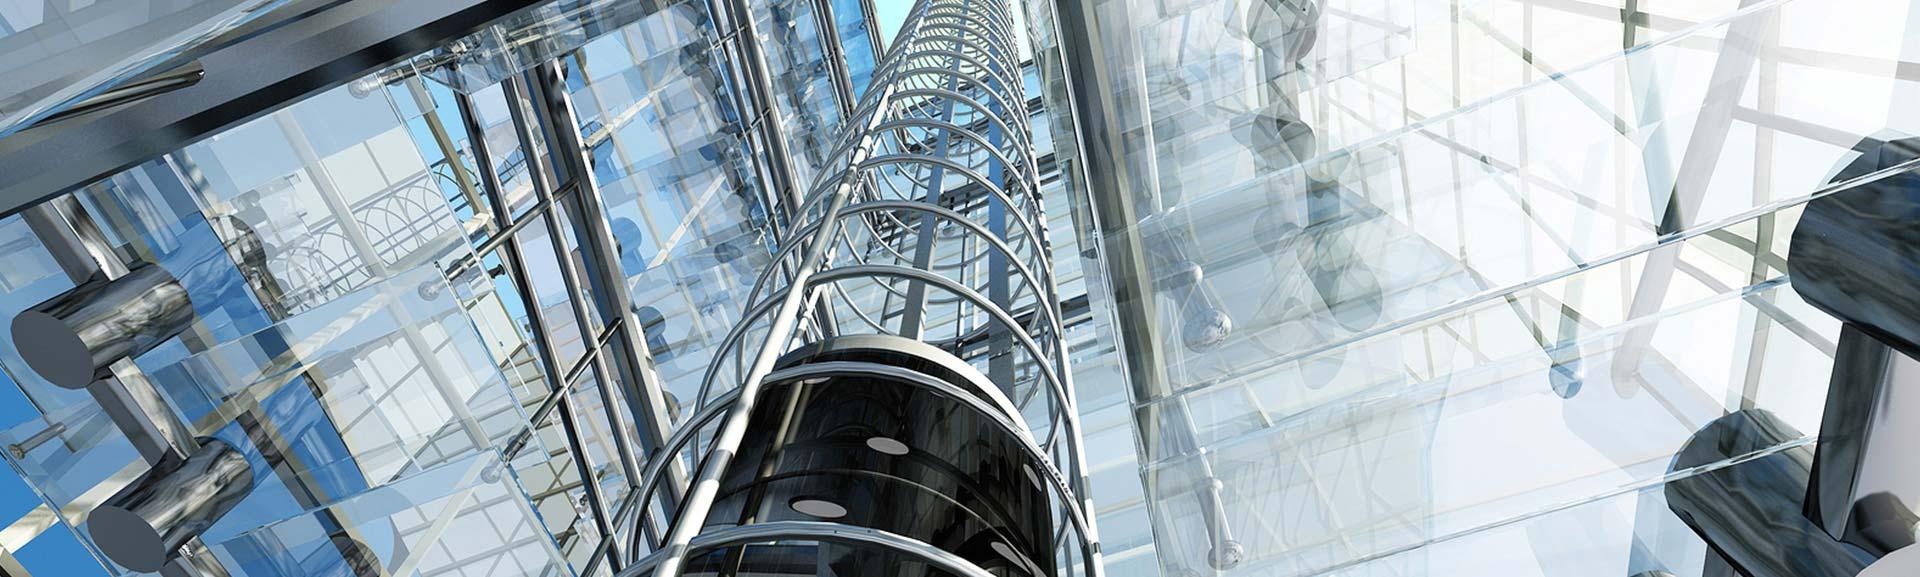 Winda wewnątrz futurystycznego budynku